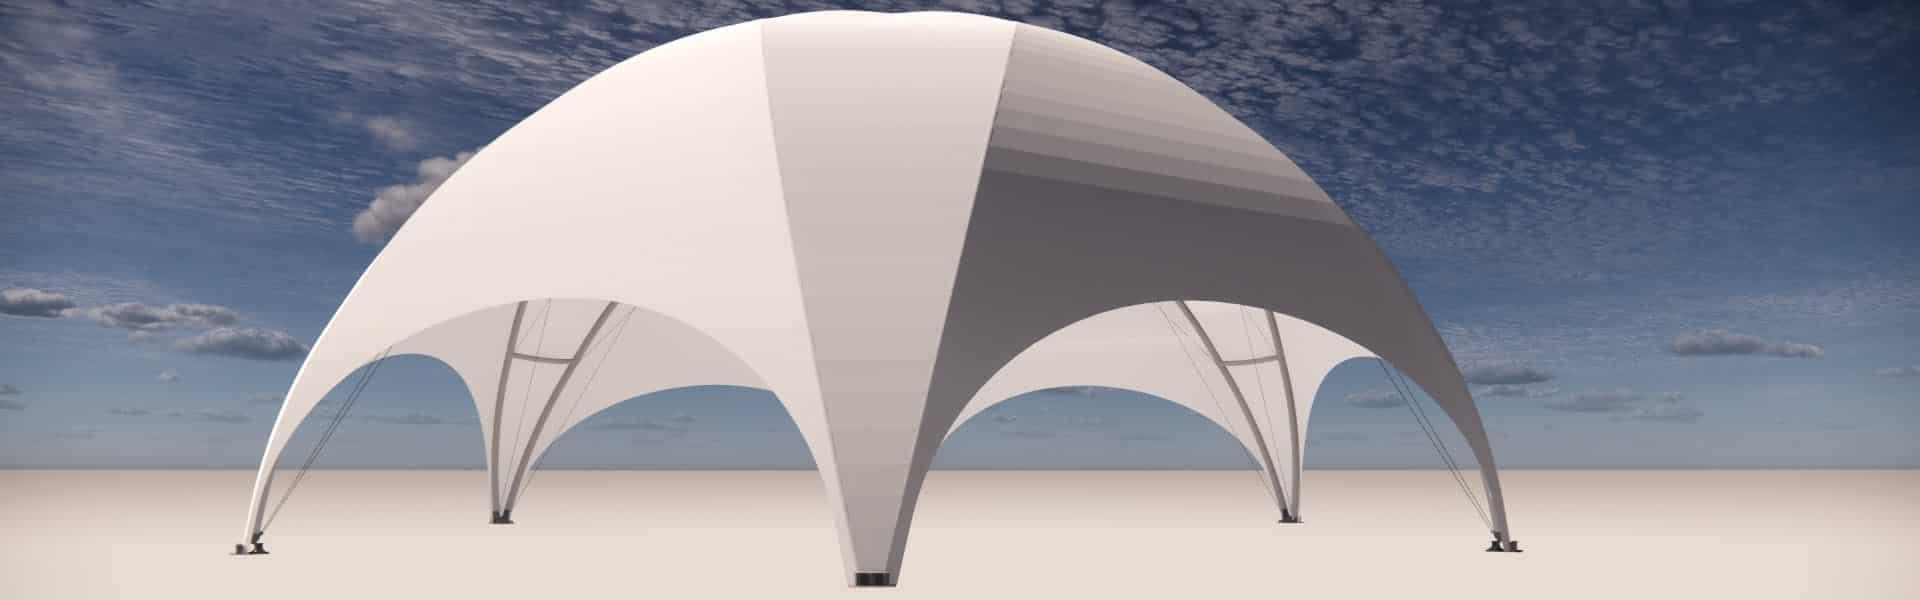 Fliegender Bau Pavillon mit 175m² überdachter Fläche